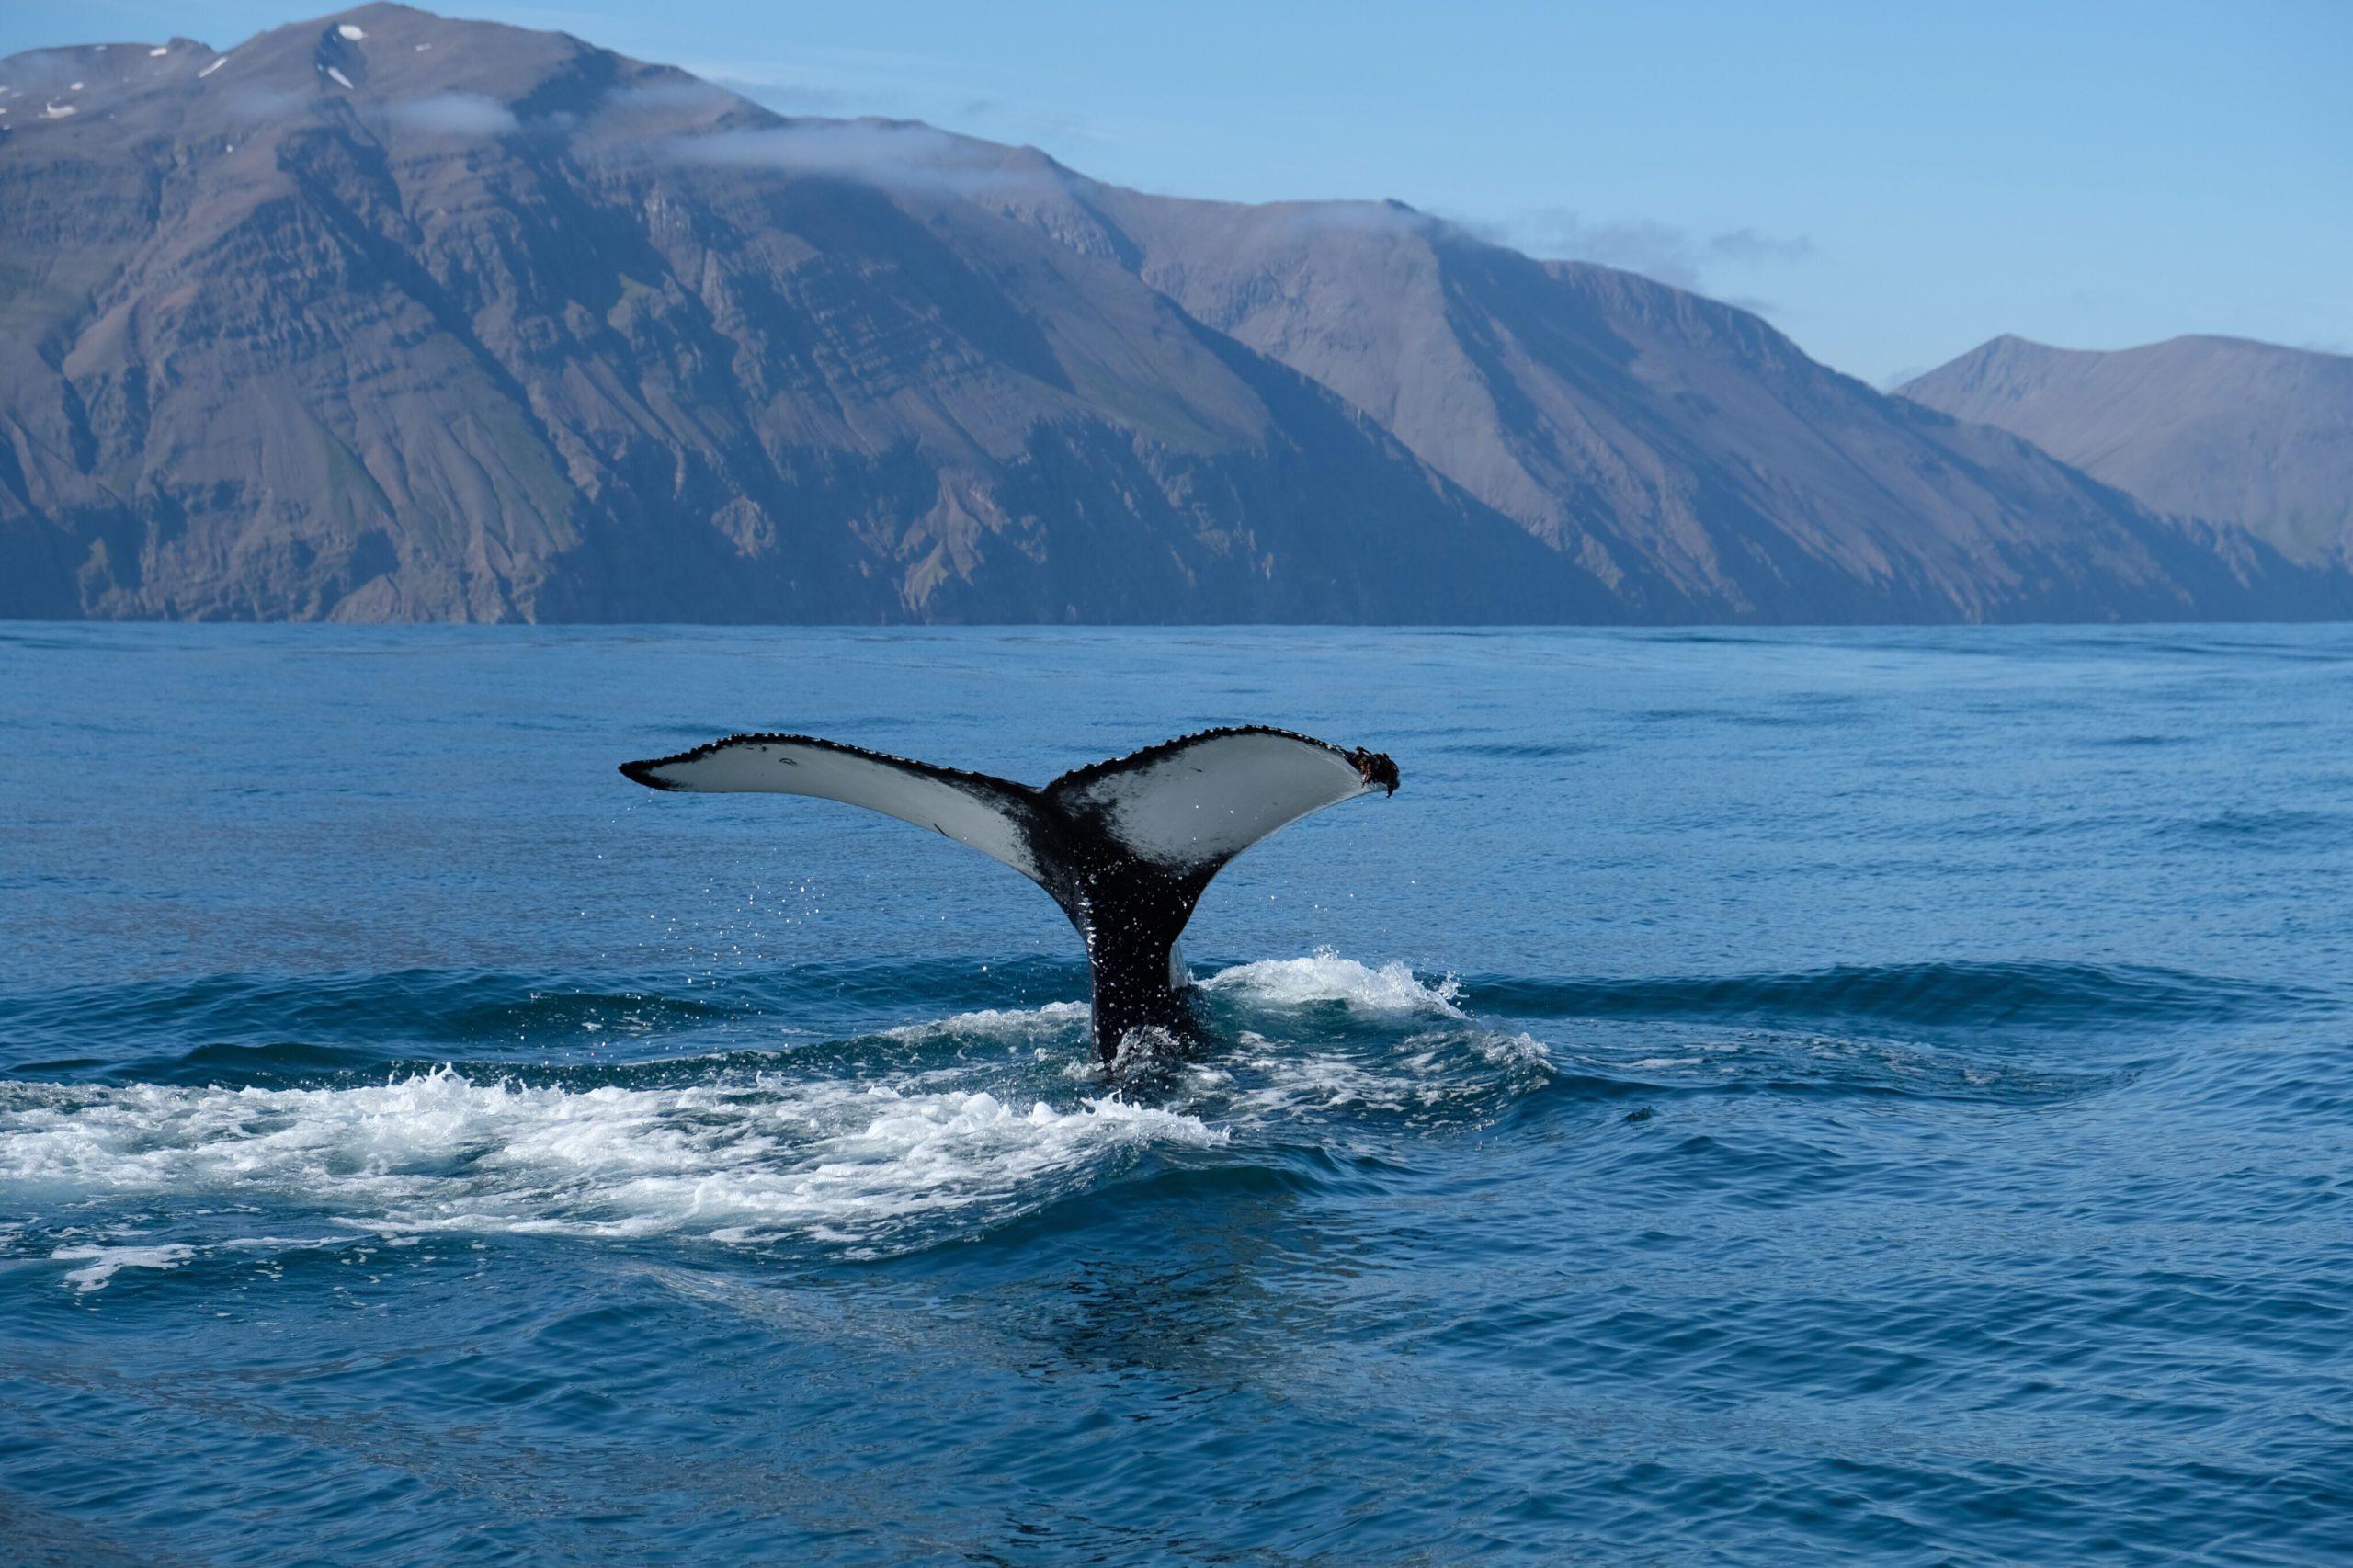 Les baleines rétrécissent à cause des activités humaines et notamment la pêche !